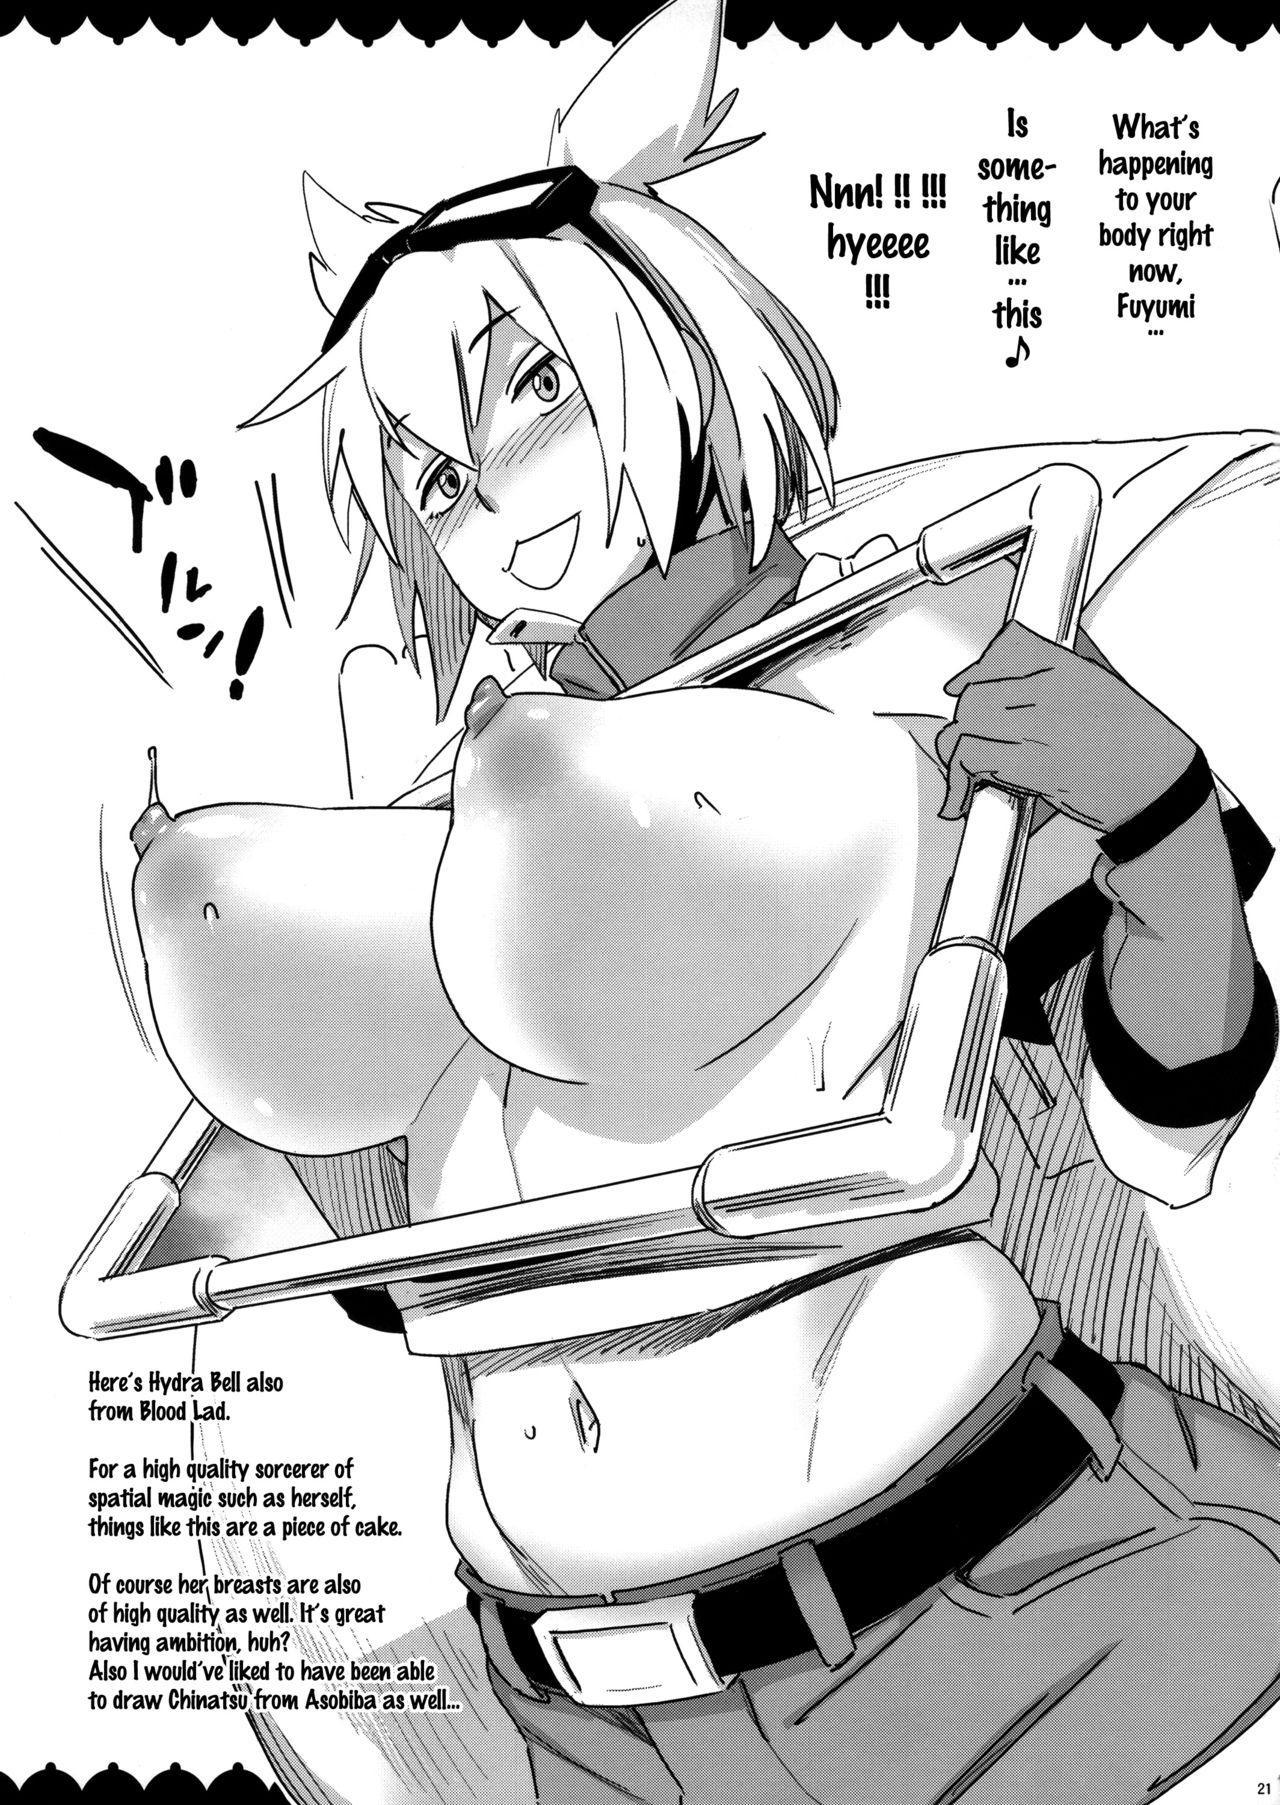 (C90) [Abradeli Kami (Bobobo)] ◯◯-san no Oppai ga Mitai Hon Soushuuhen+ | Boobs (O|O) Book Summary (Various) [English] {Doujins.com} 19